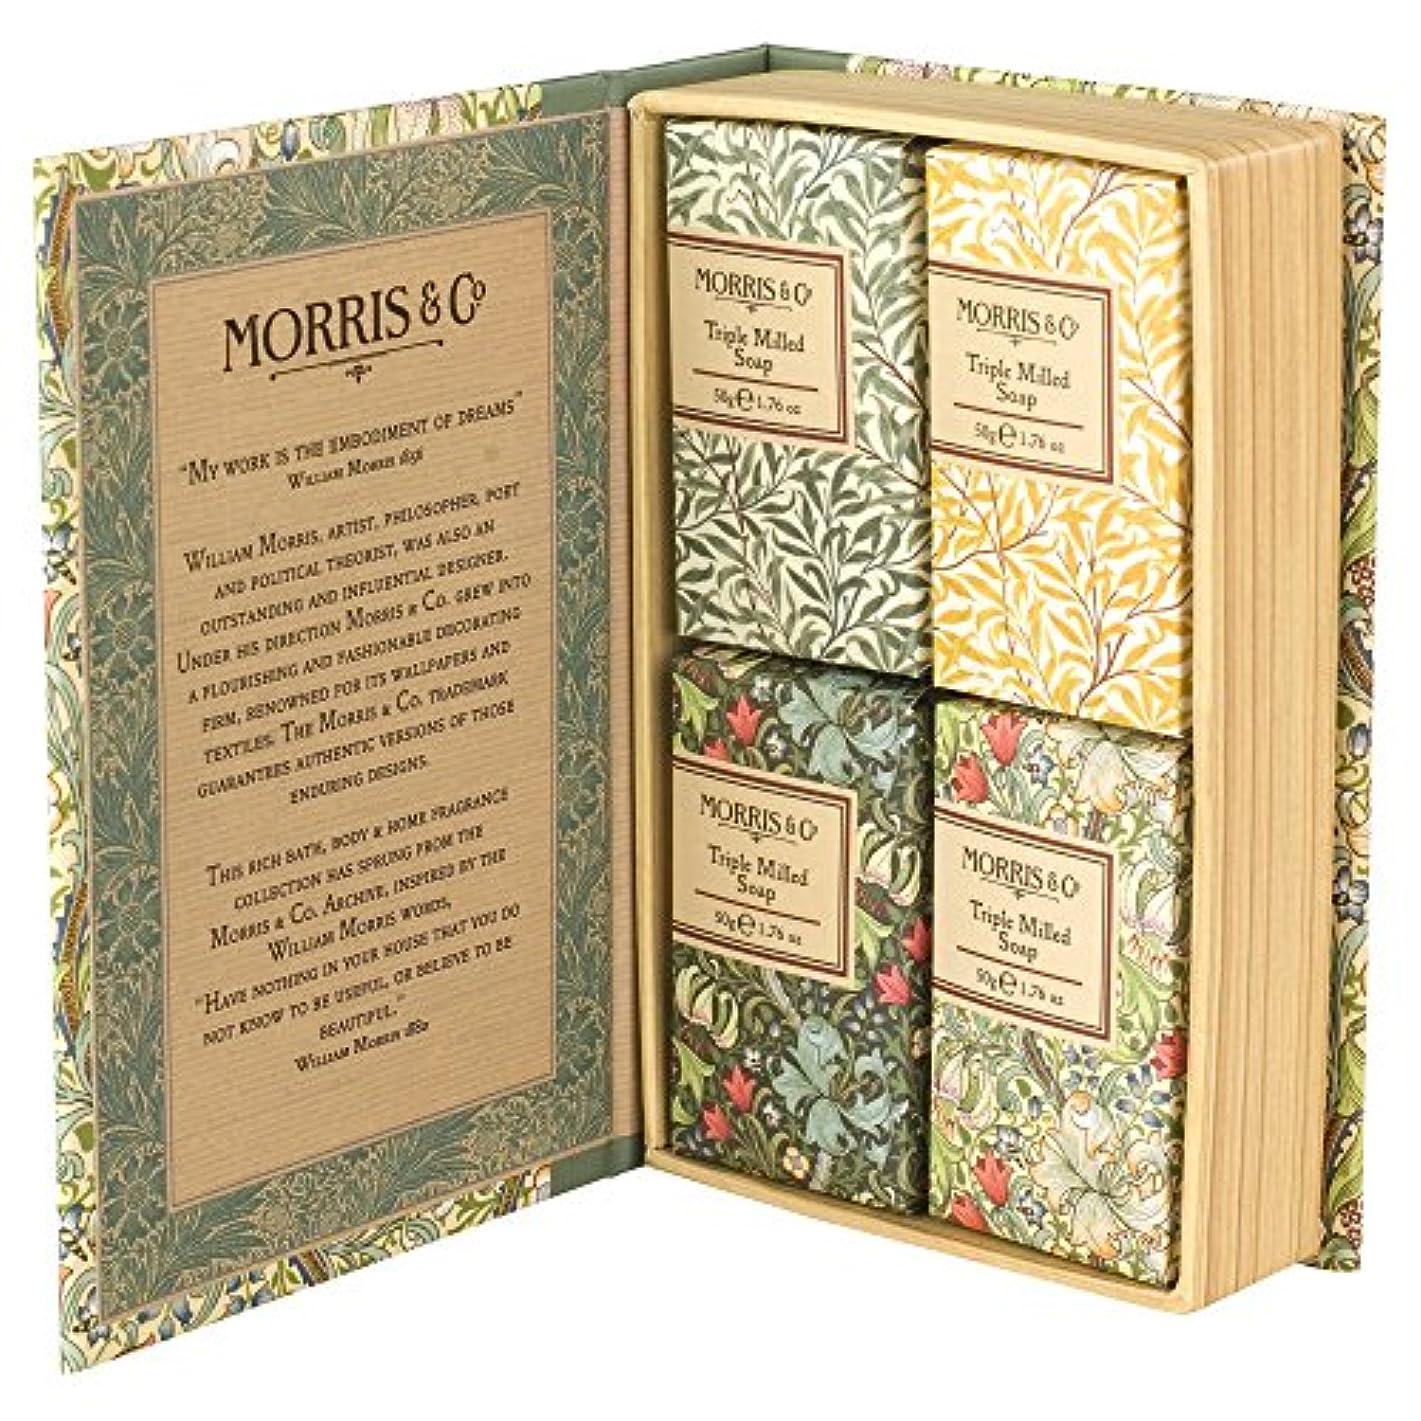 聖人取るに足らない作りますヒースコート&アイボリーモリス&共同黄金ユリゲストソープセット200グラム (Heathcote) (x2) - Heathcote & Ivory Morris & Co Golden Lily Guest Soap...